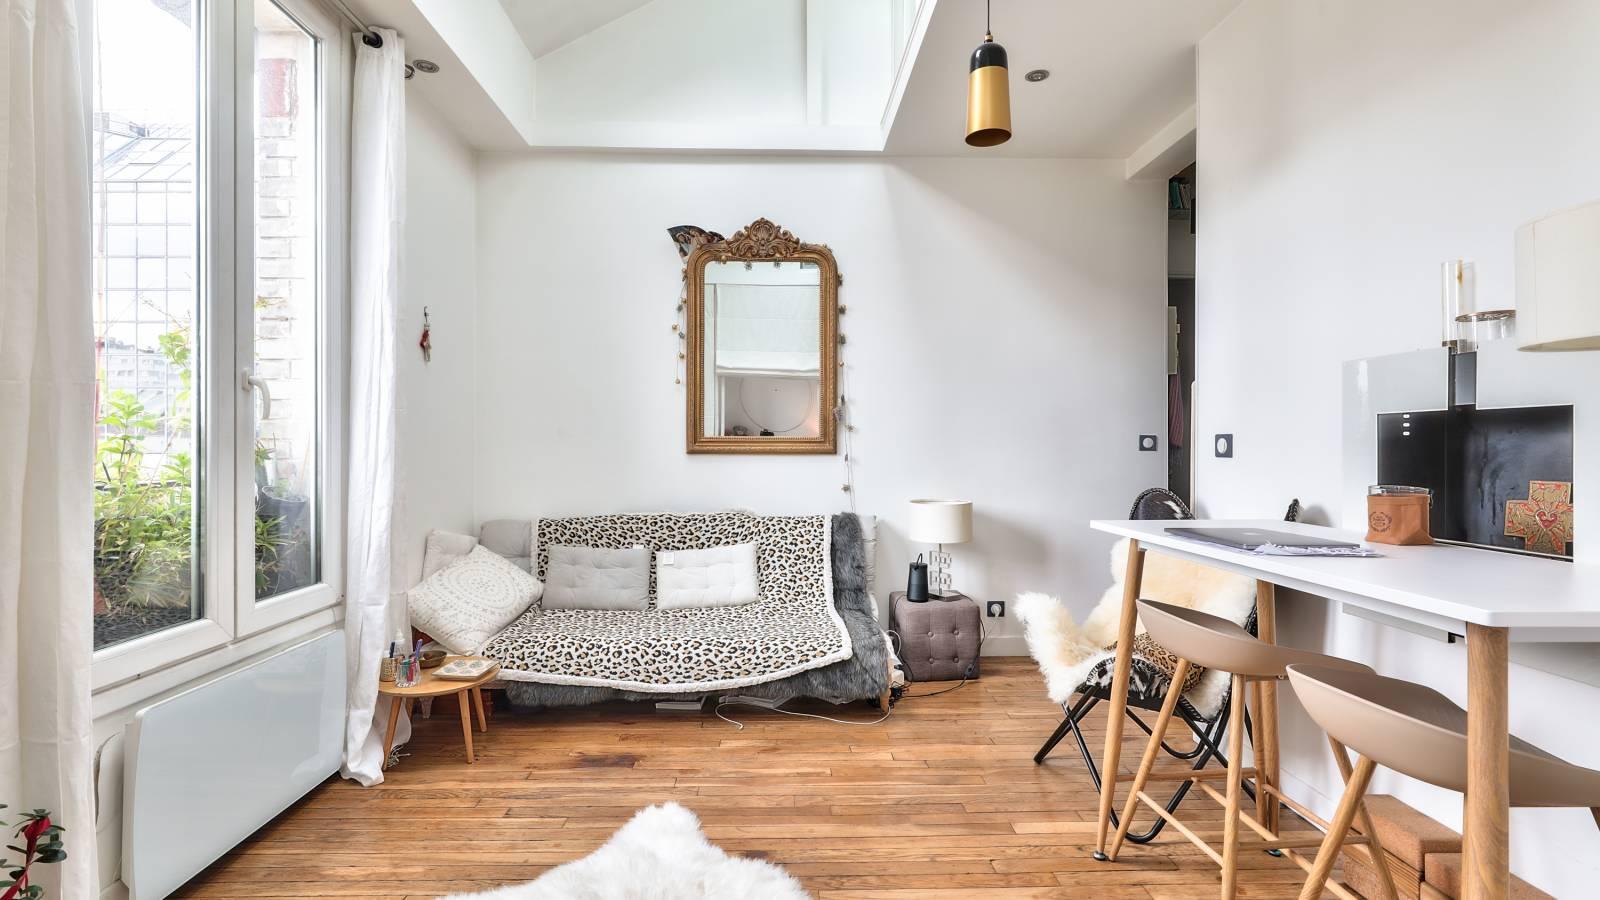 Sala de estar/cocina espaciosa y luminosa